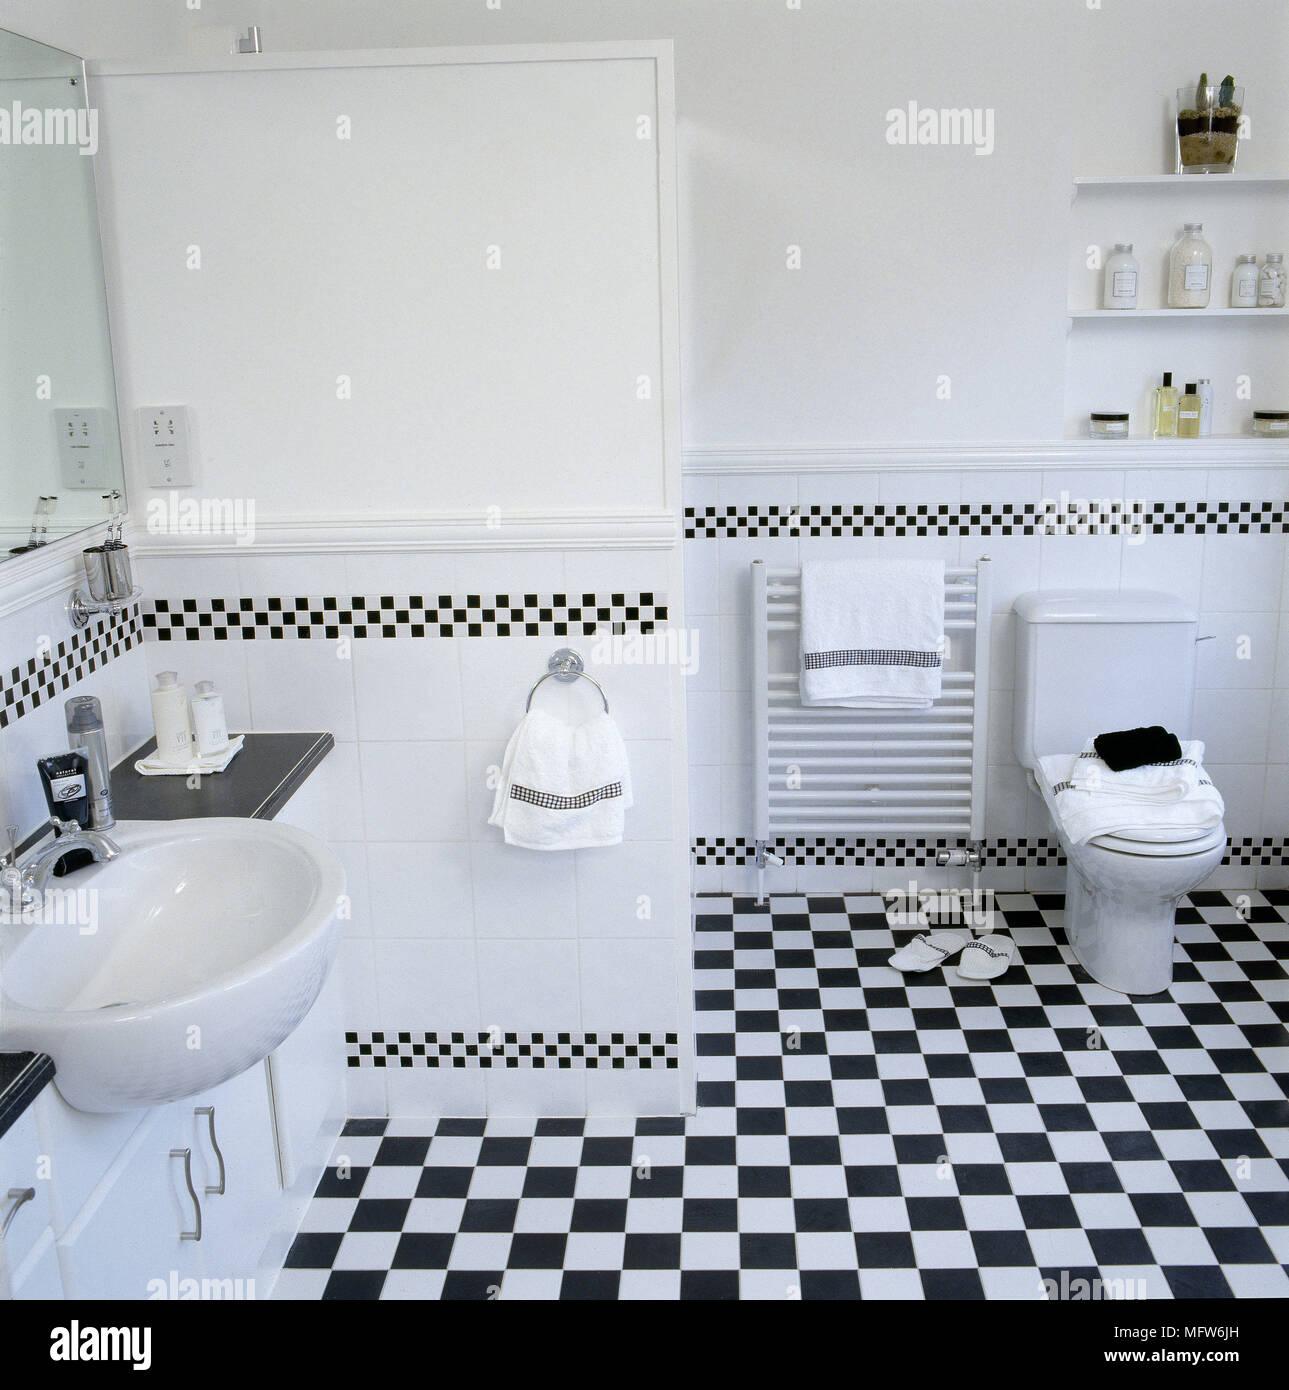 Bagno Moderno Bianco E Nero.Bagno Moderno Con In Bianco E Nero Di Piastrelle A Scacchi